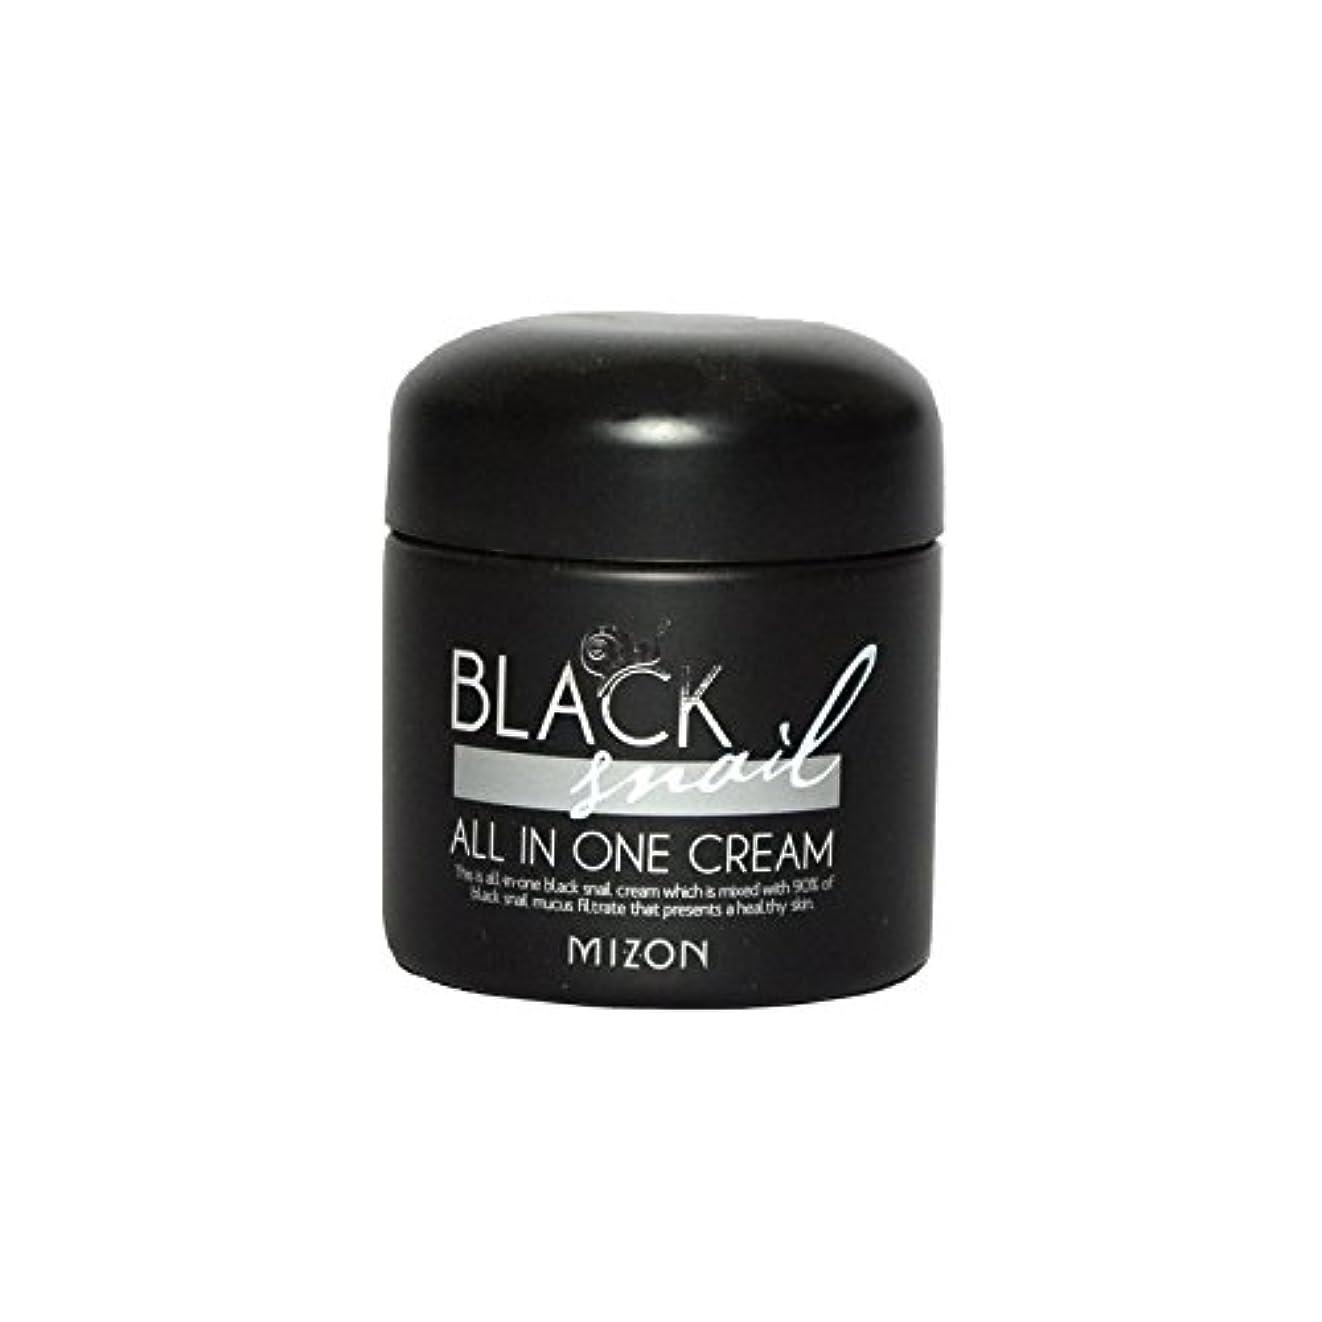 孤児保安用量黒カタツムリオールインワンクリーム x4 - Mizon Black Snail All in One Cream (Pack of 4) [並行輸入品]